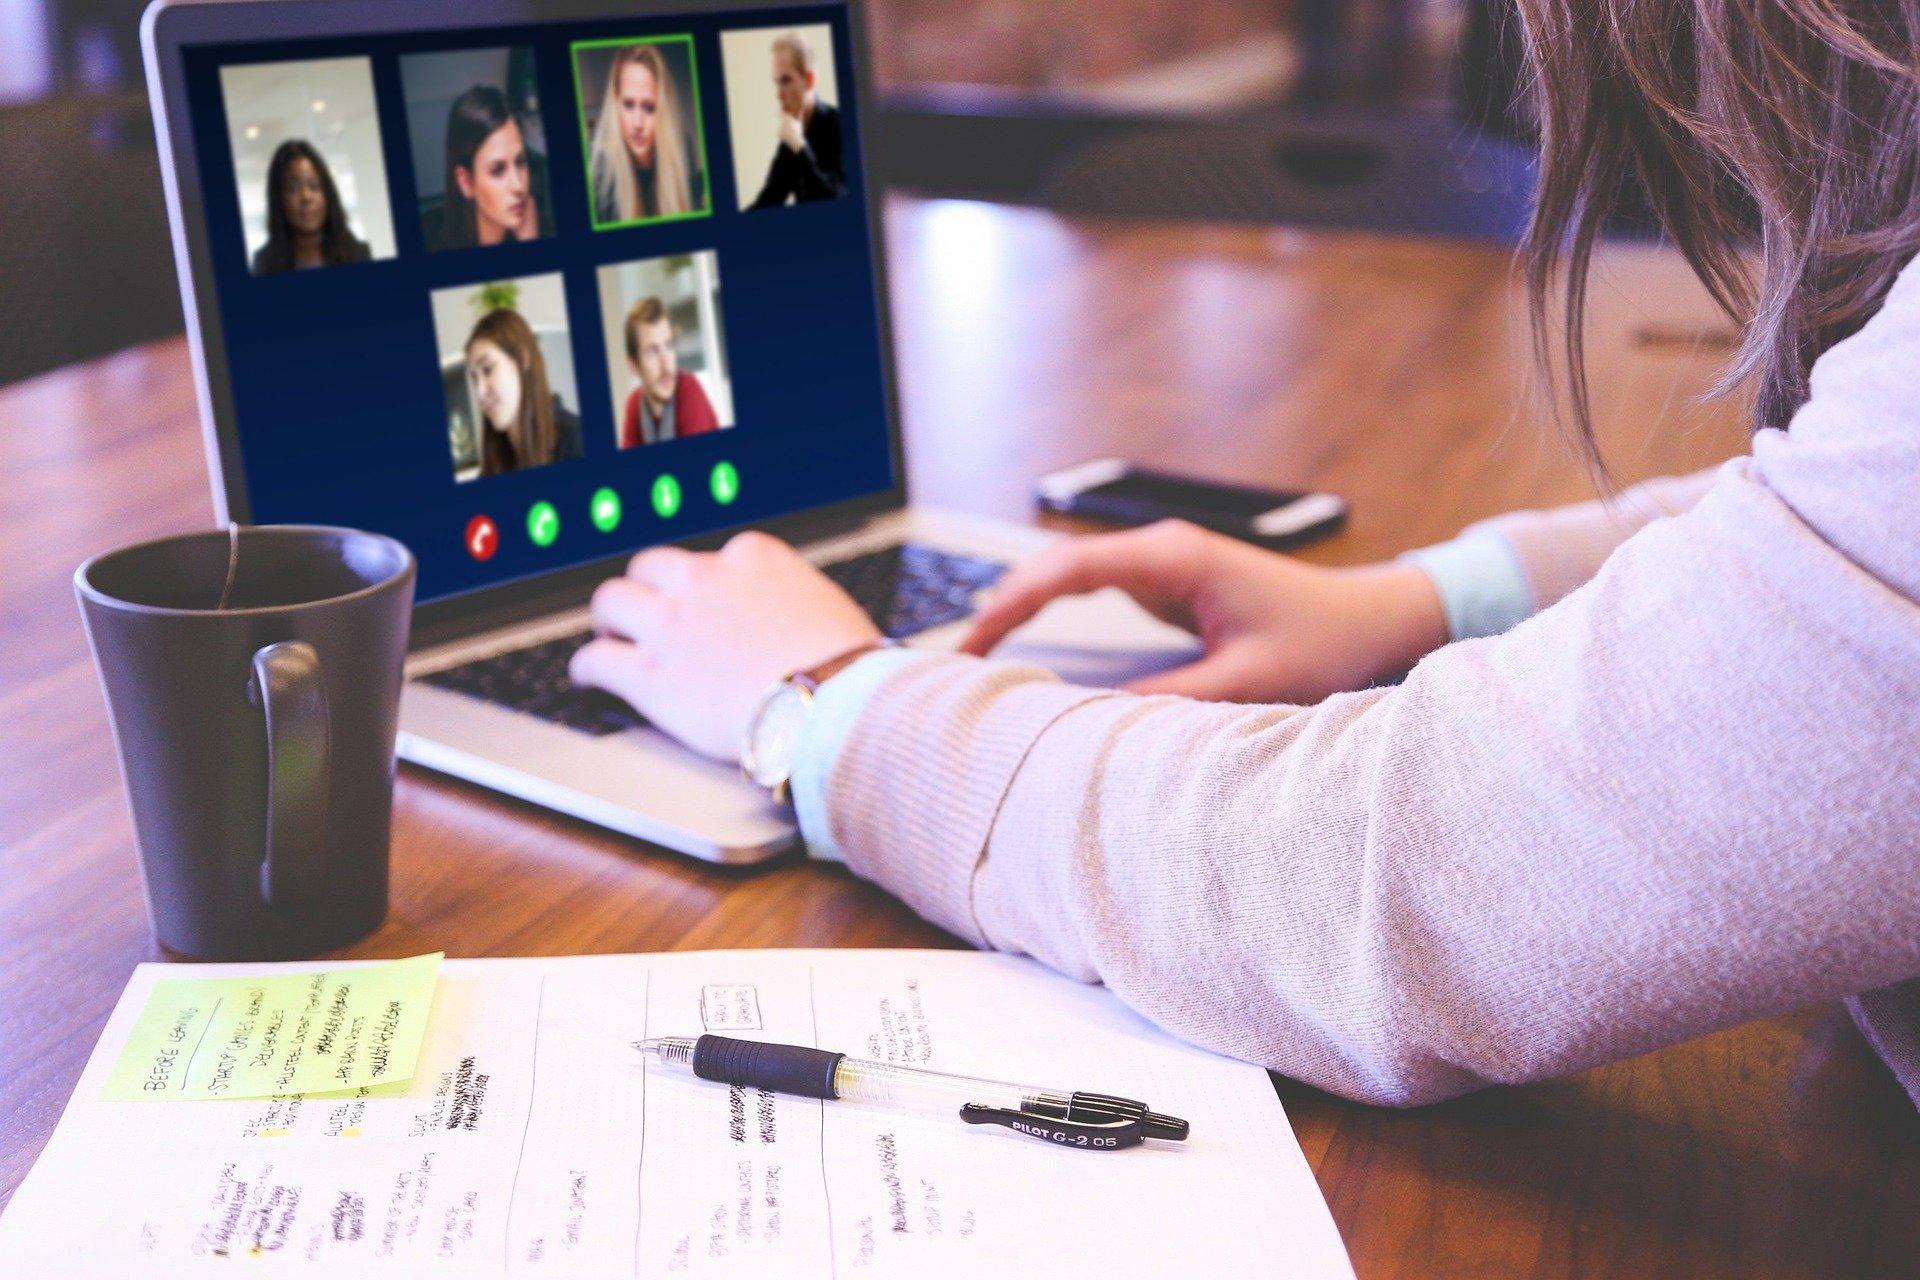 ¿Cómo generar ideas creativas e innovadoras trabajando con equipos remotos?